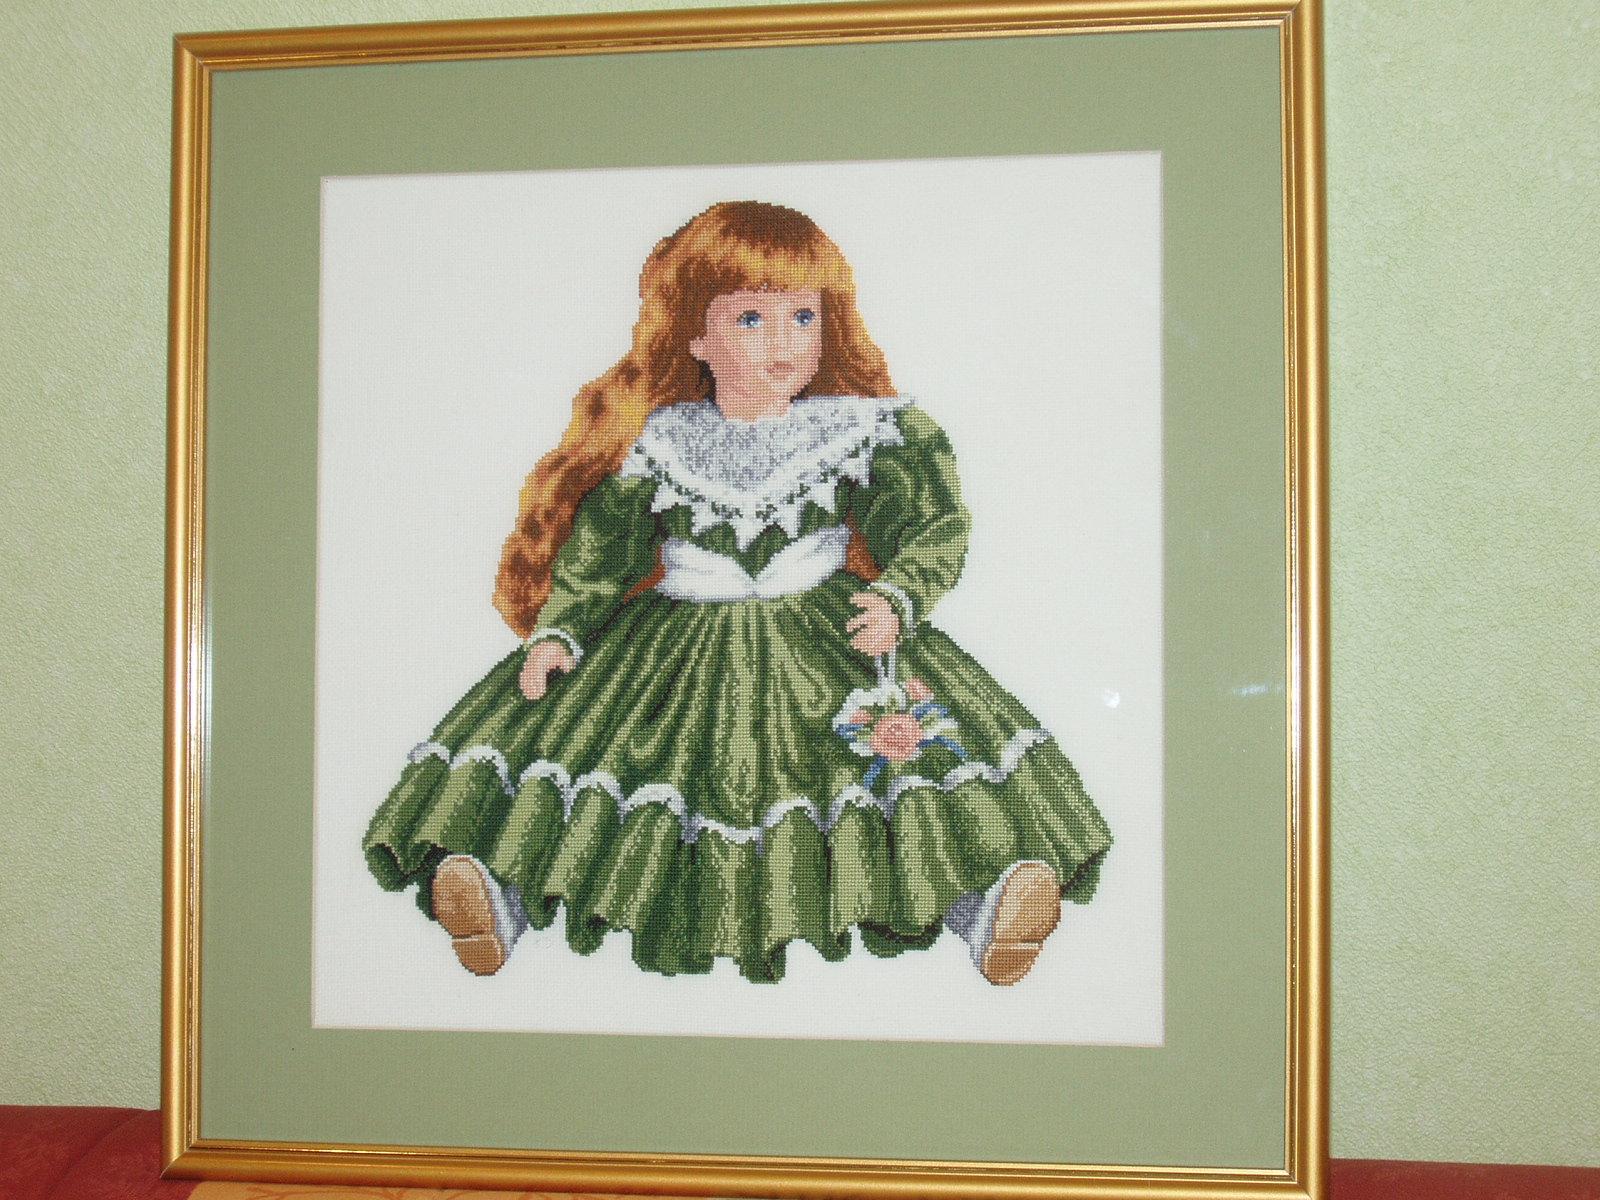 Кукла без банта. Вышивка: игрушки